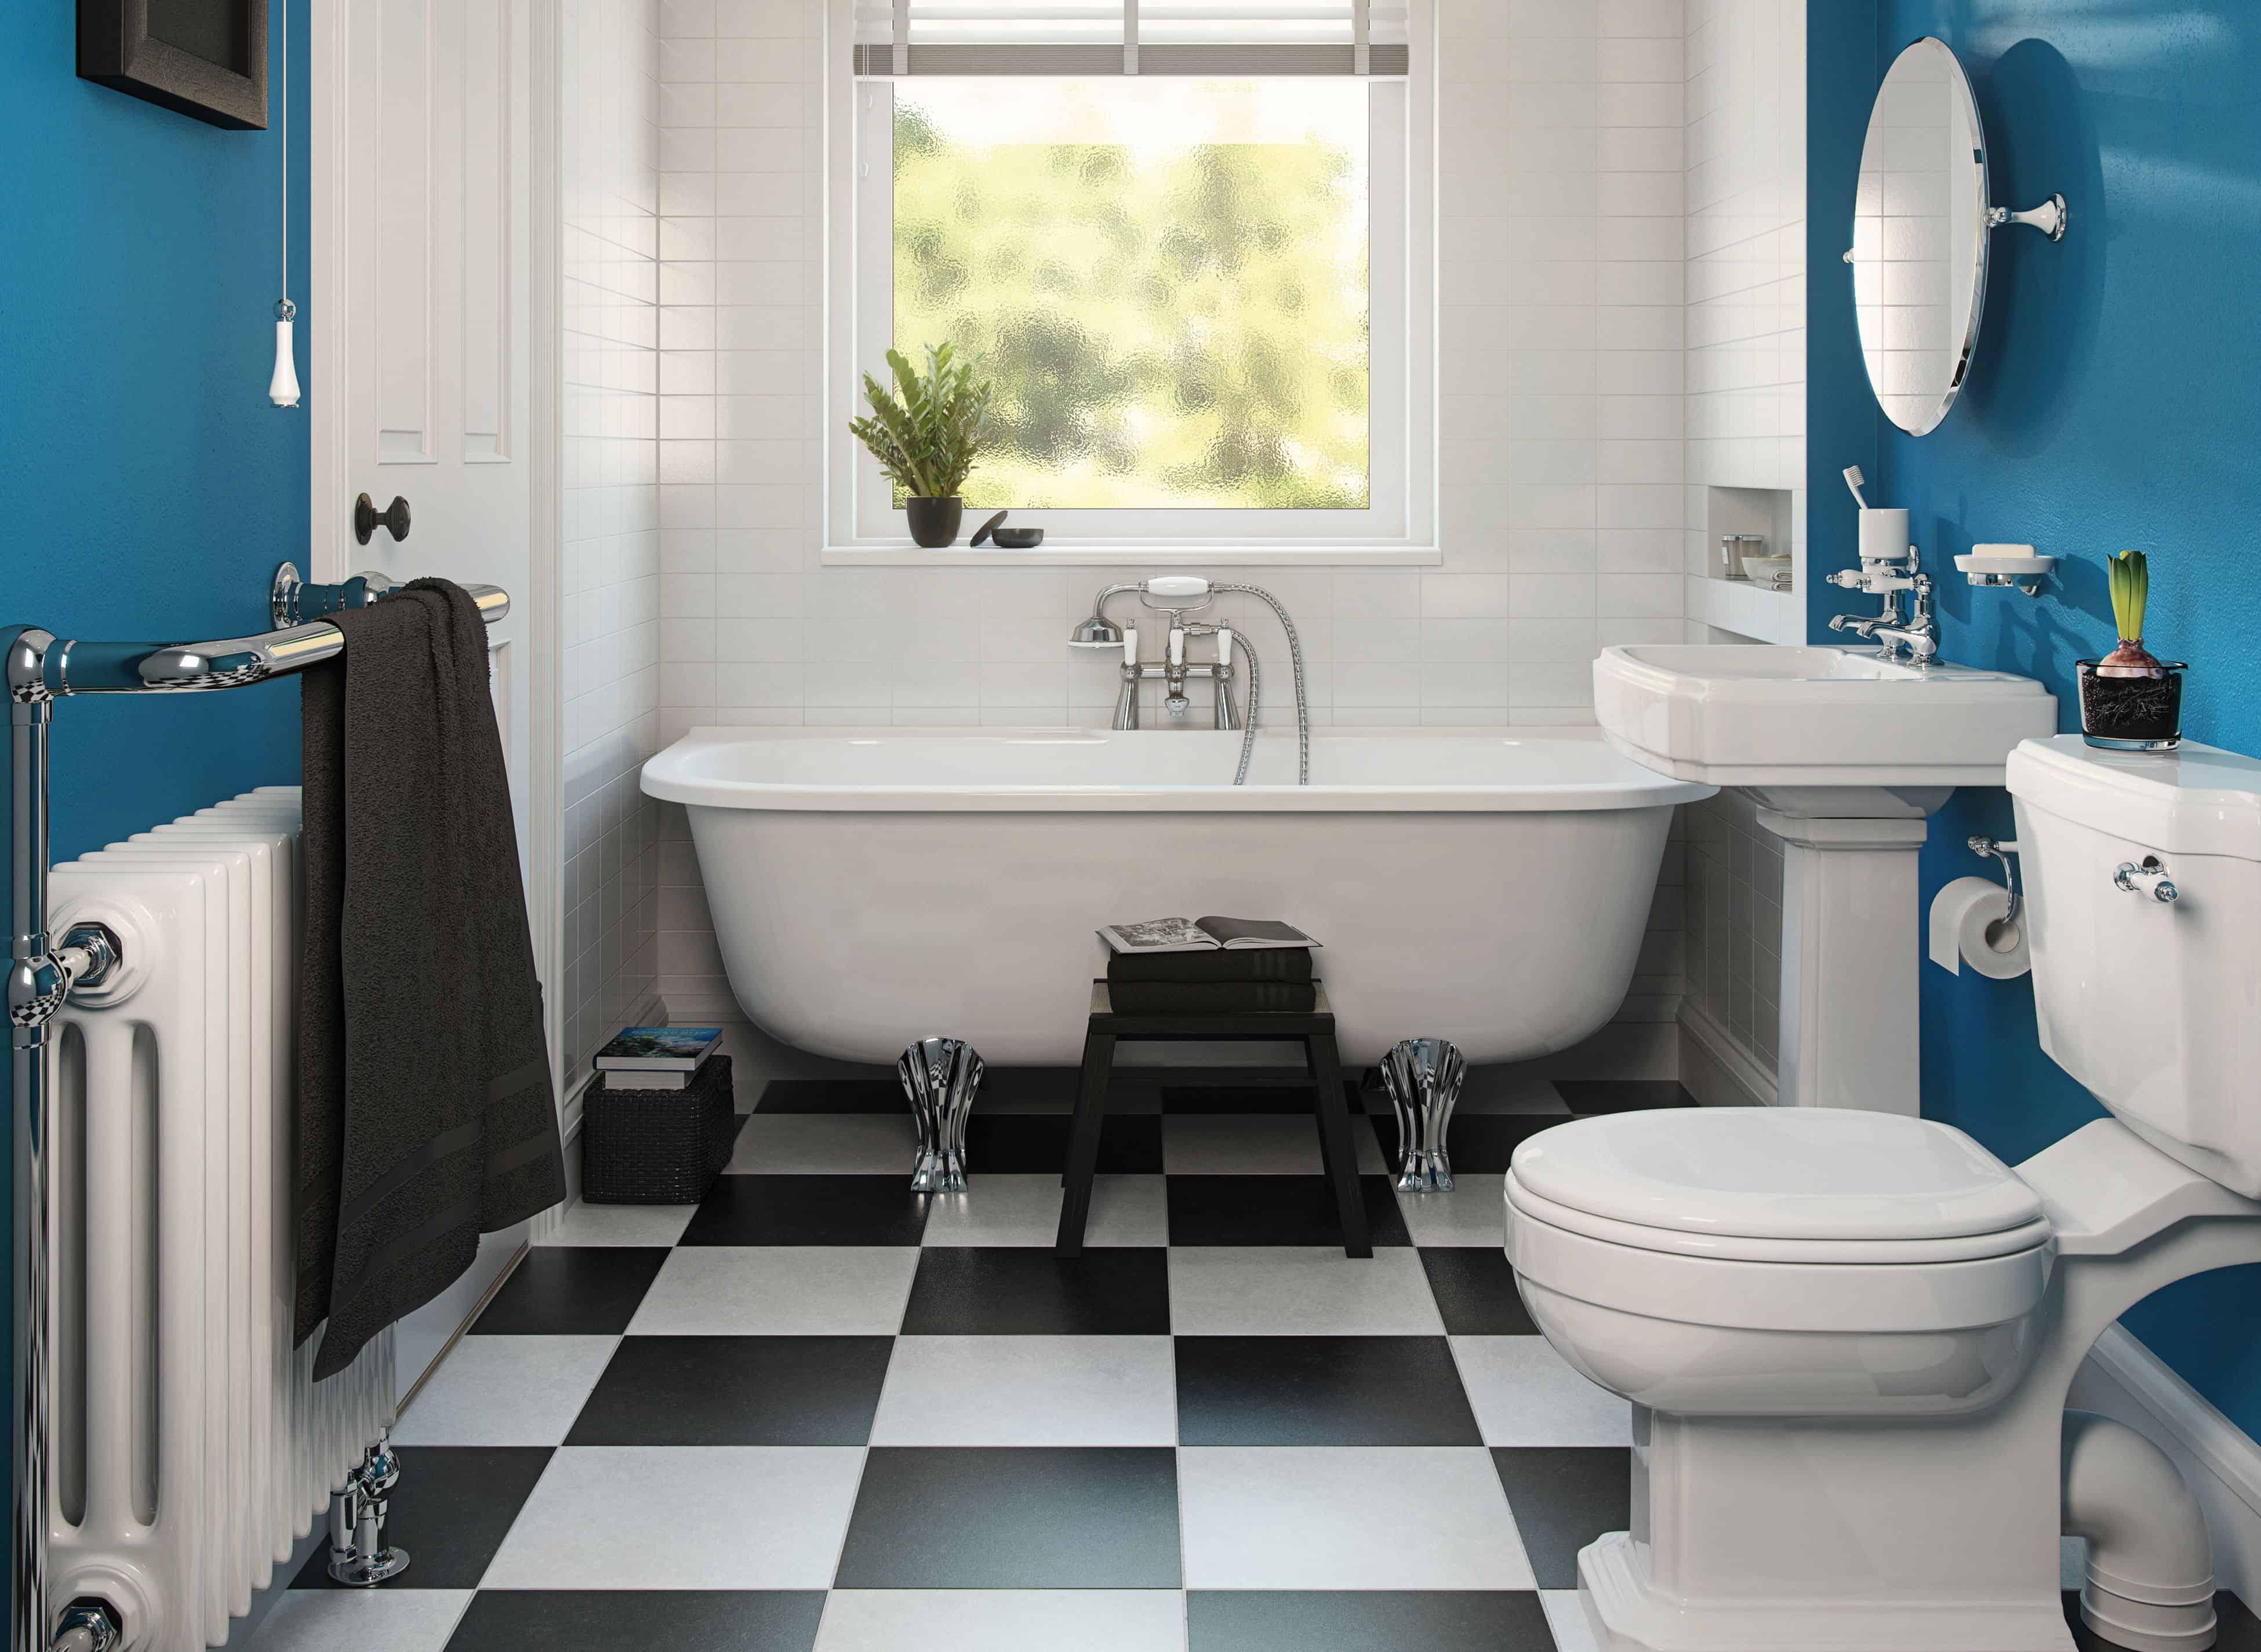 25 projetos de banheiros com banheiras – ideias e fotos  #1D4B63 3900x2850 Armario Banheiro Antigo